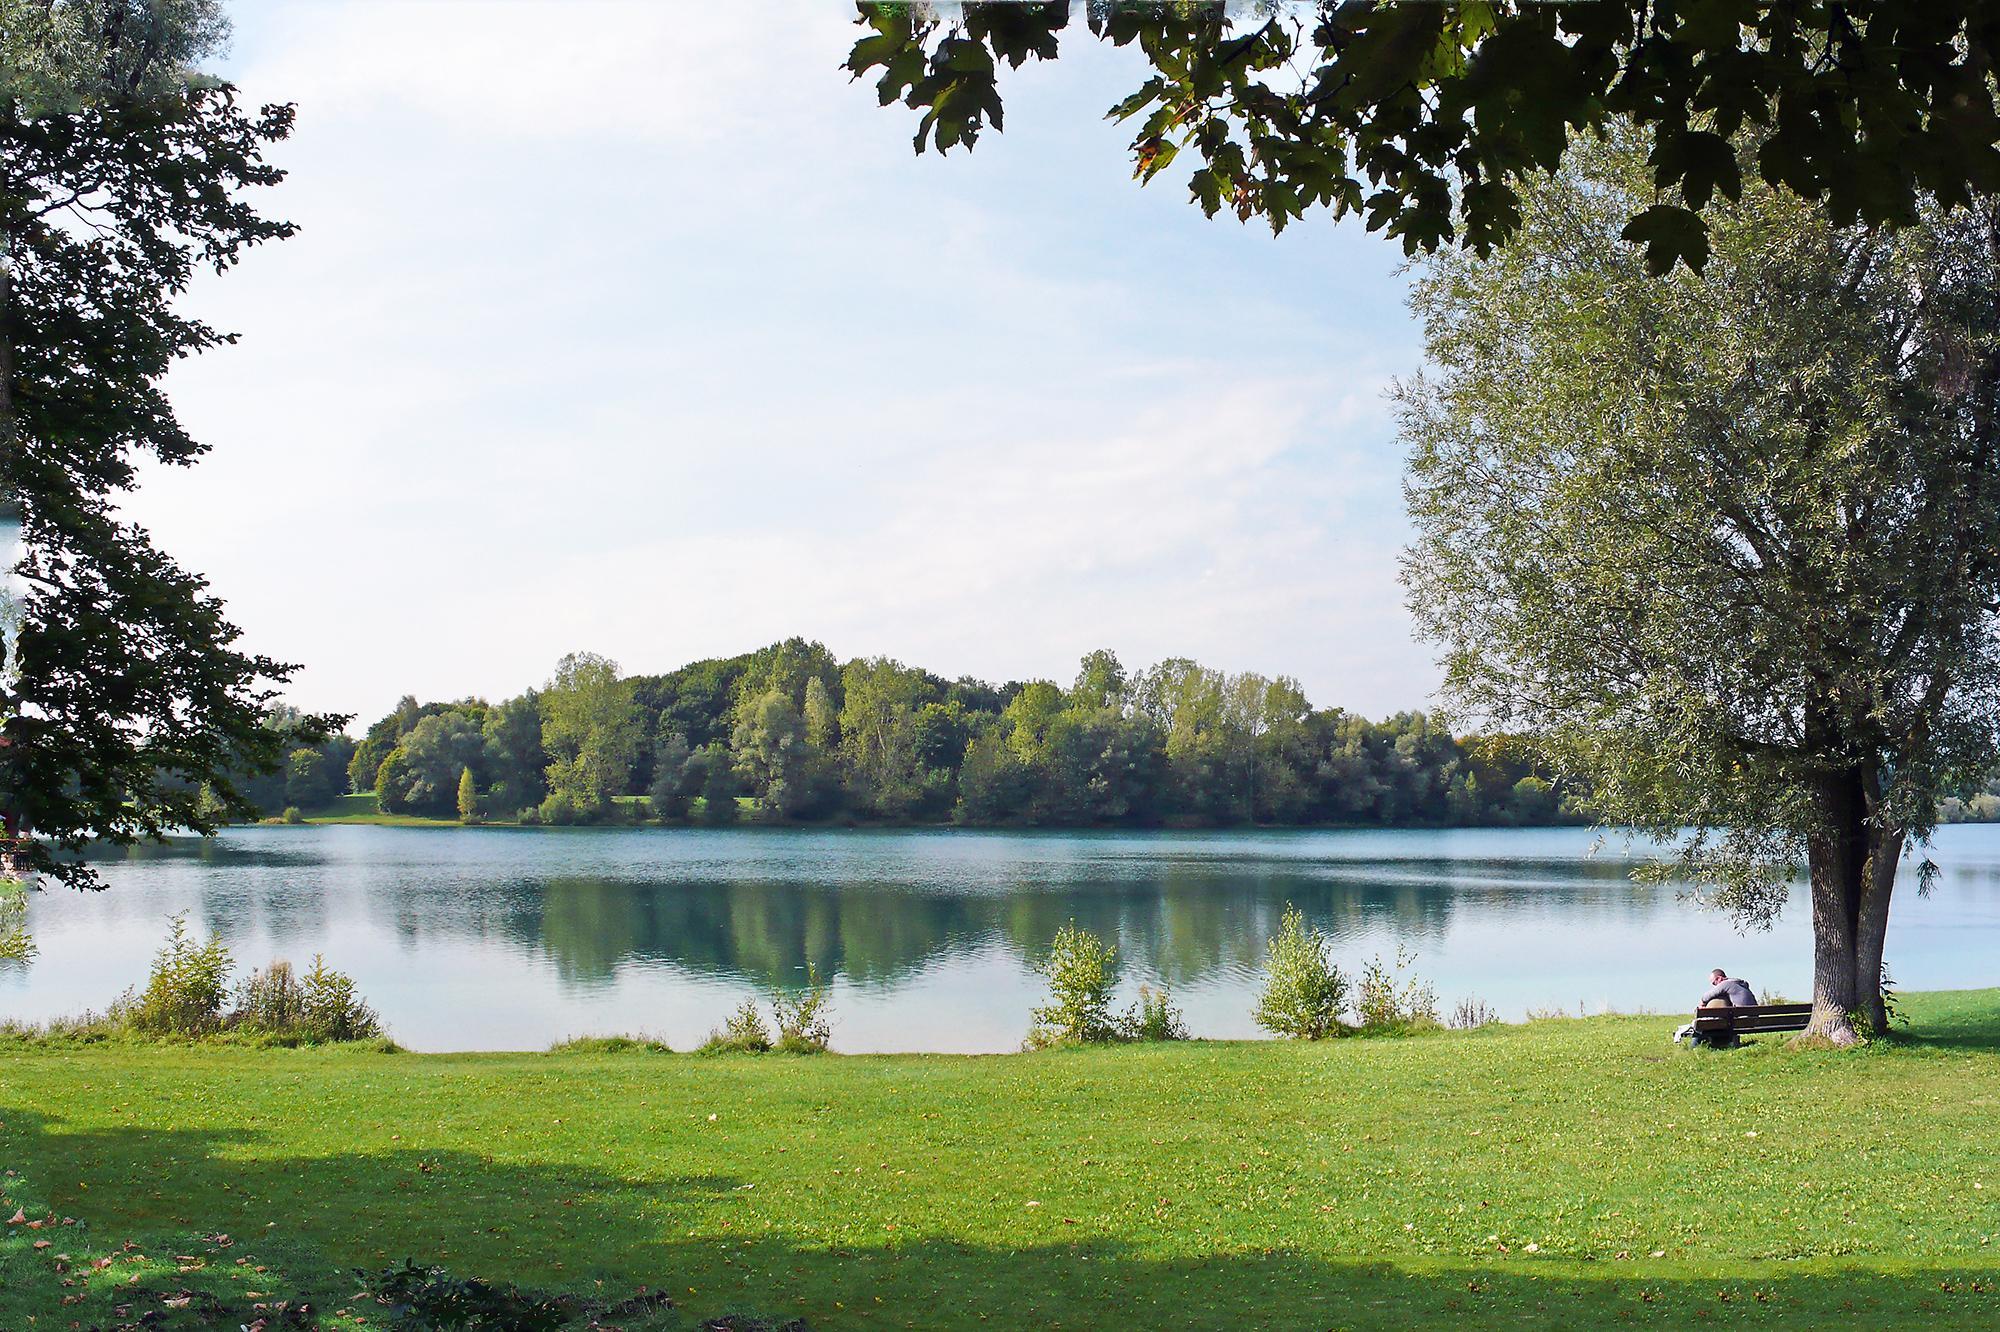 bathing lake munich karlsfelder see swimming relaxation